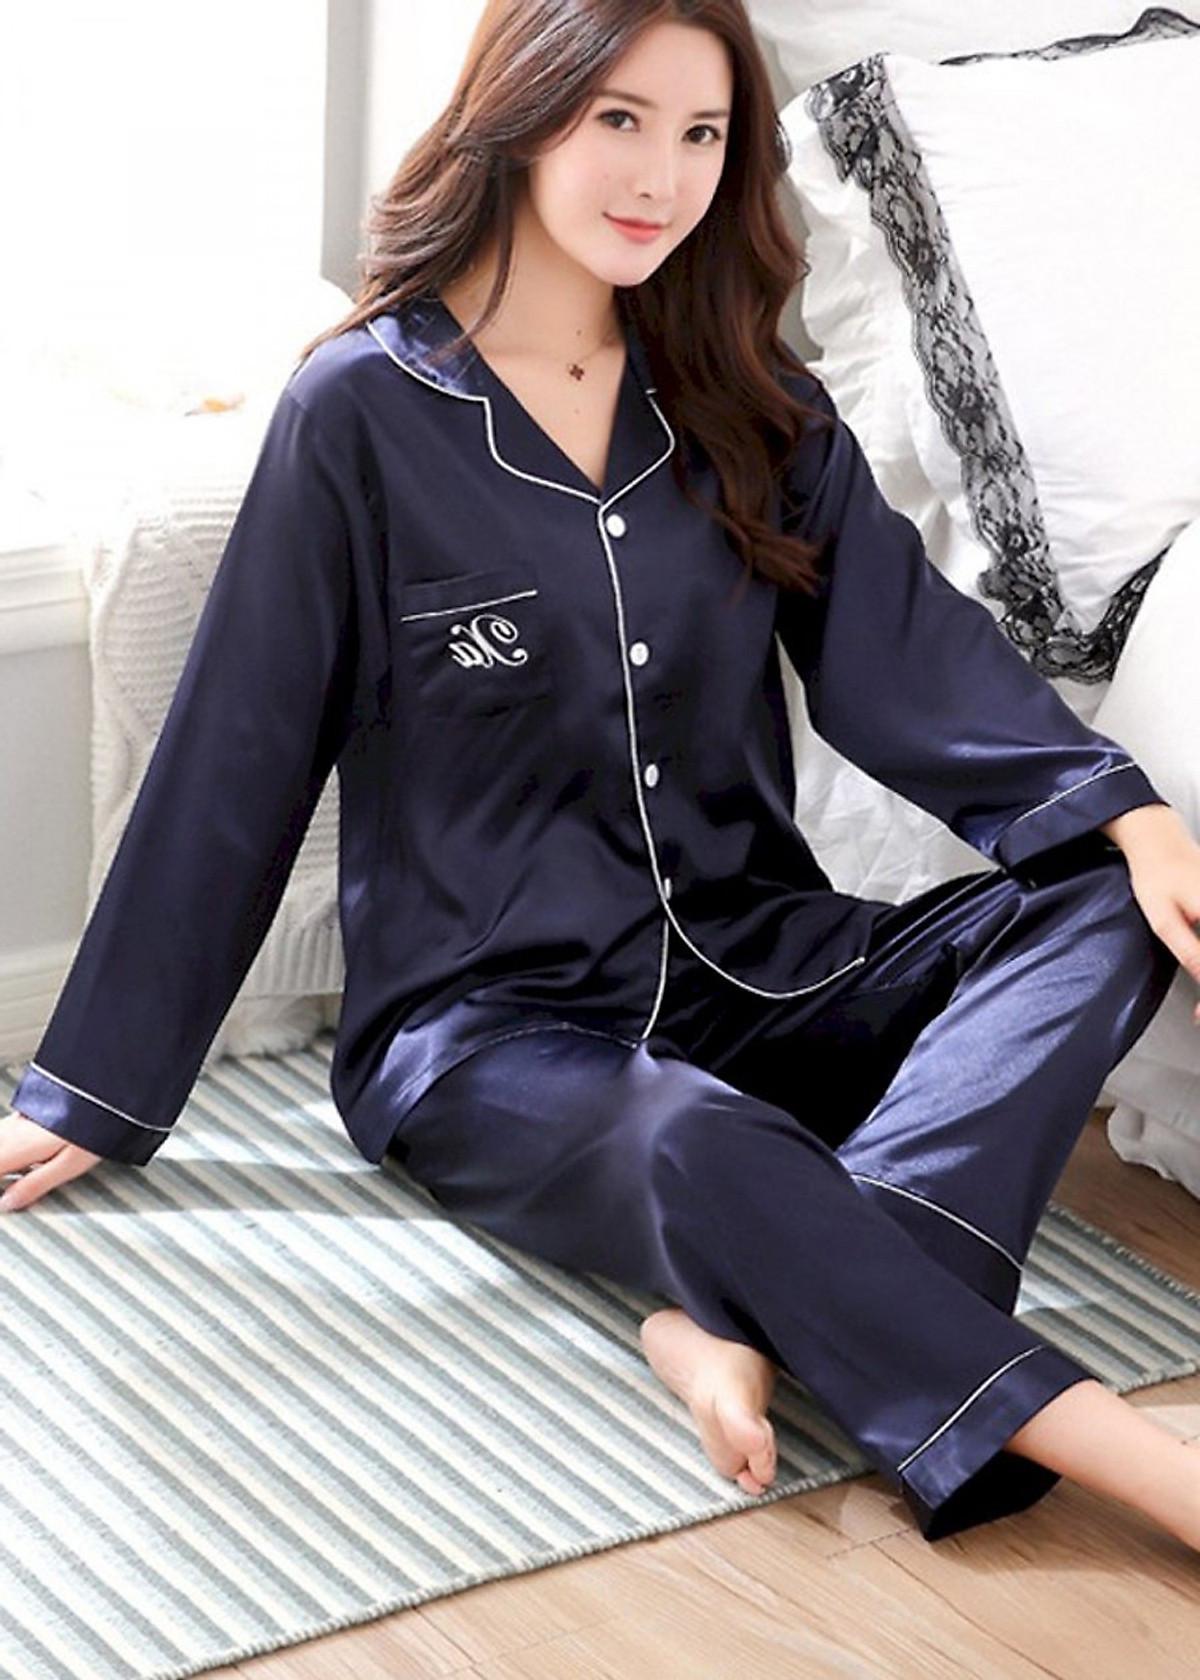 Đồ bộ mặc nhà Nữ chất liệu mềm mại sang chảnh-206 23